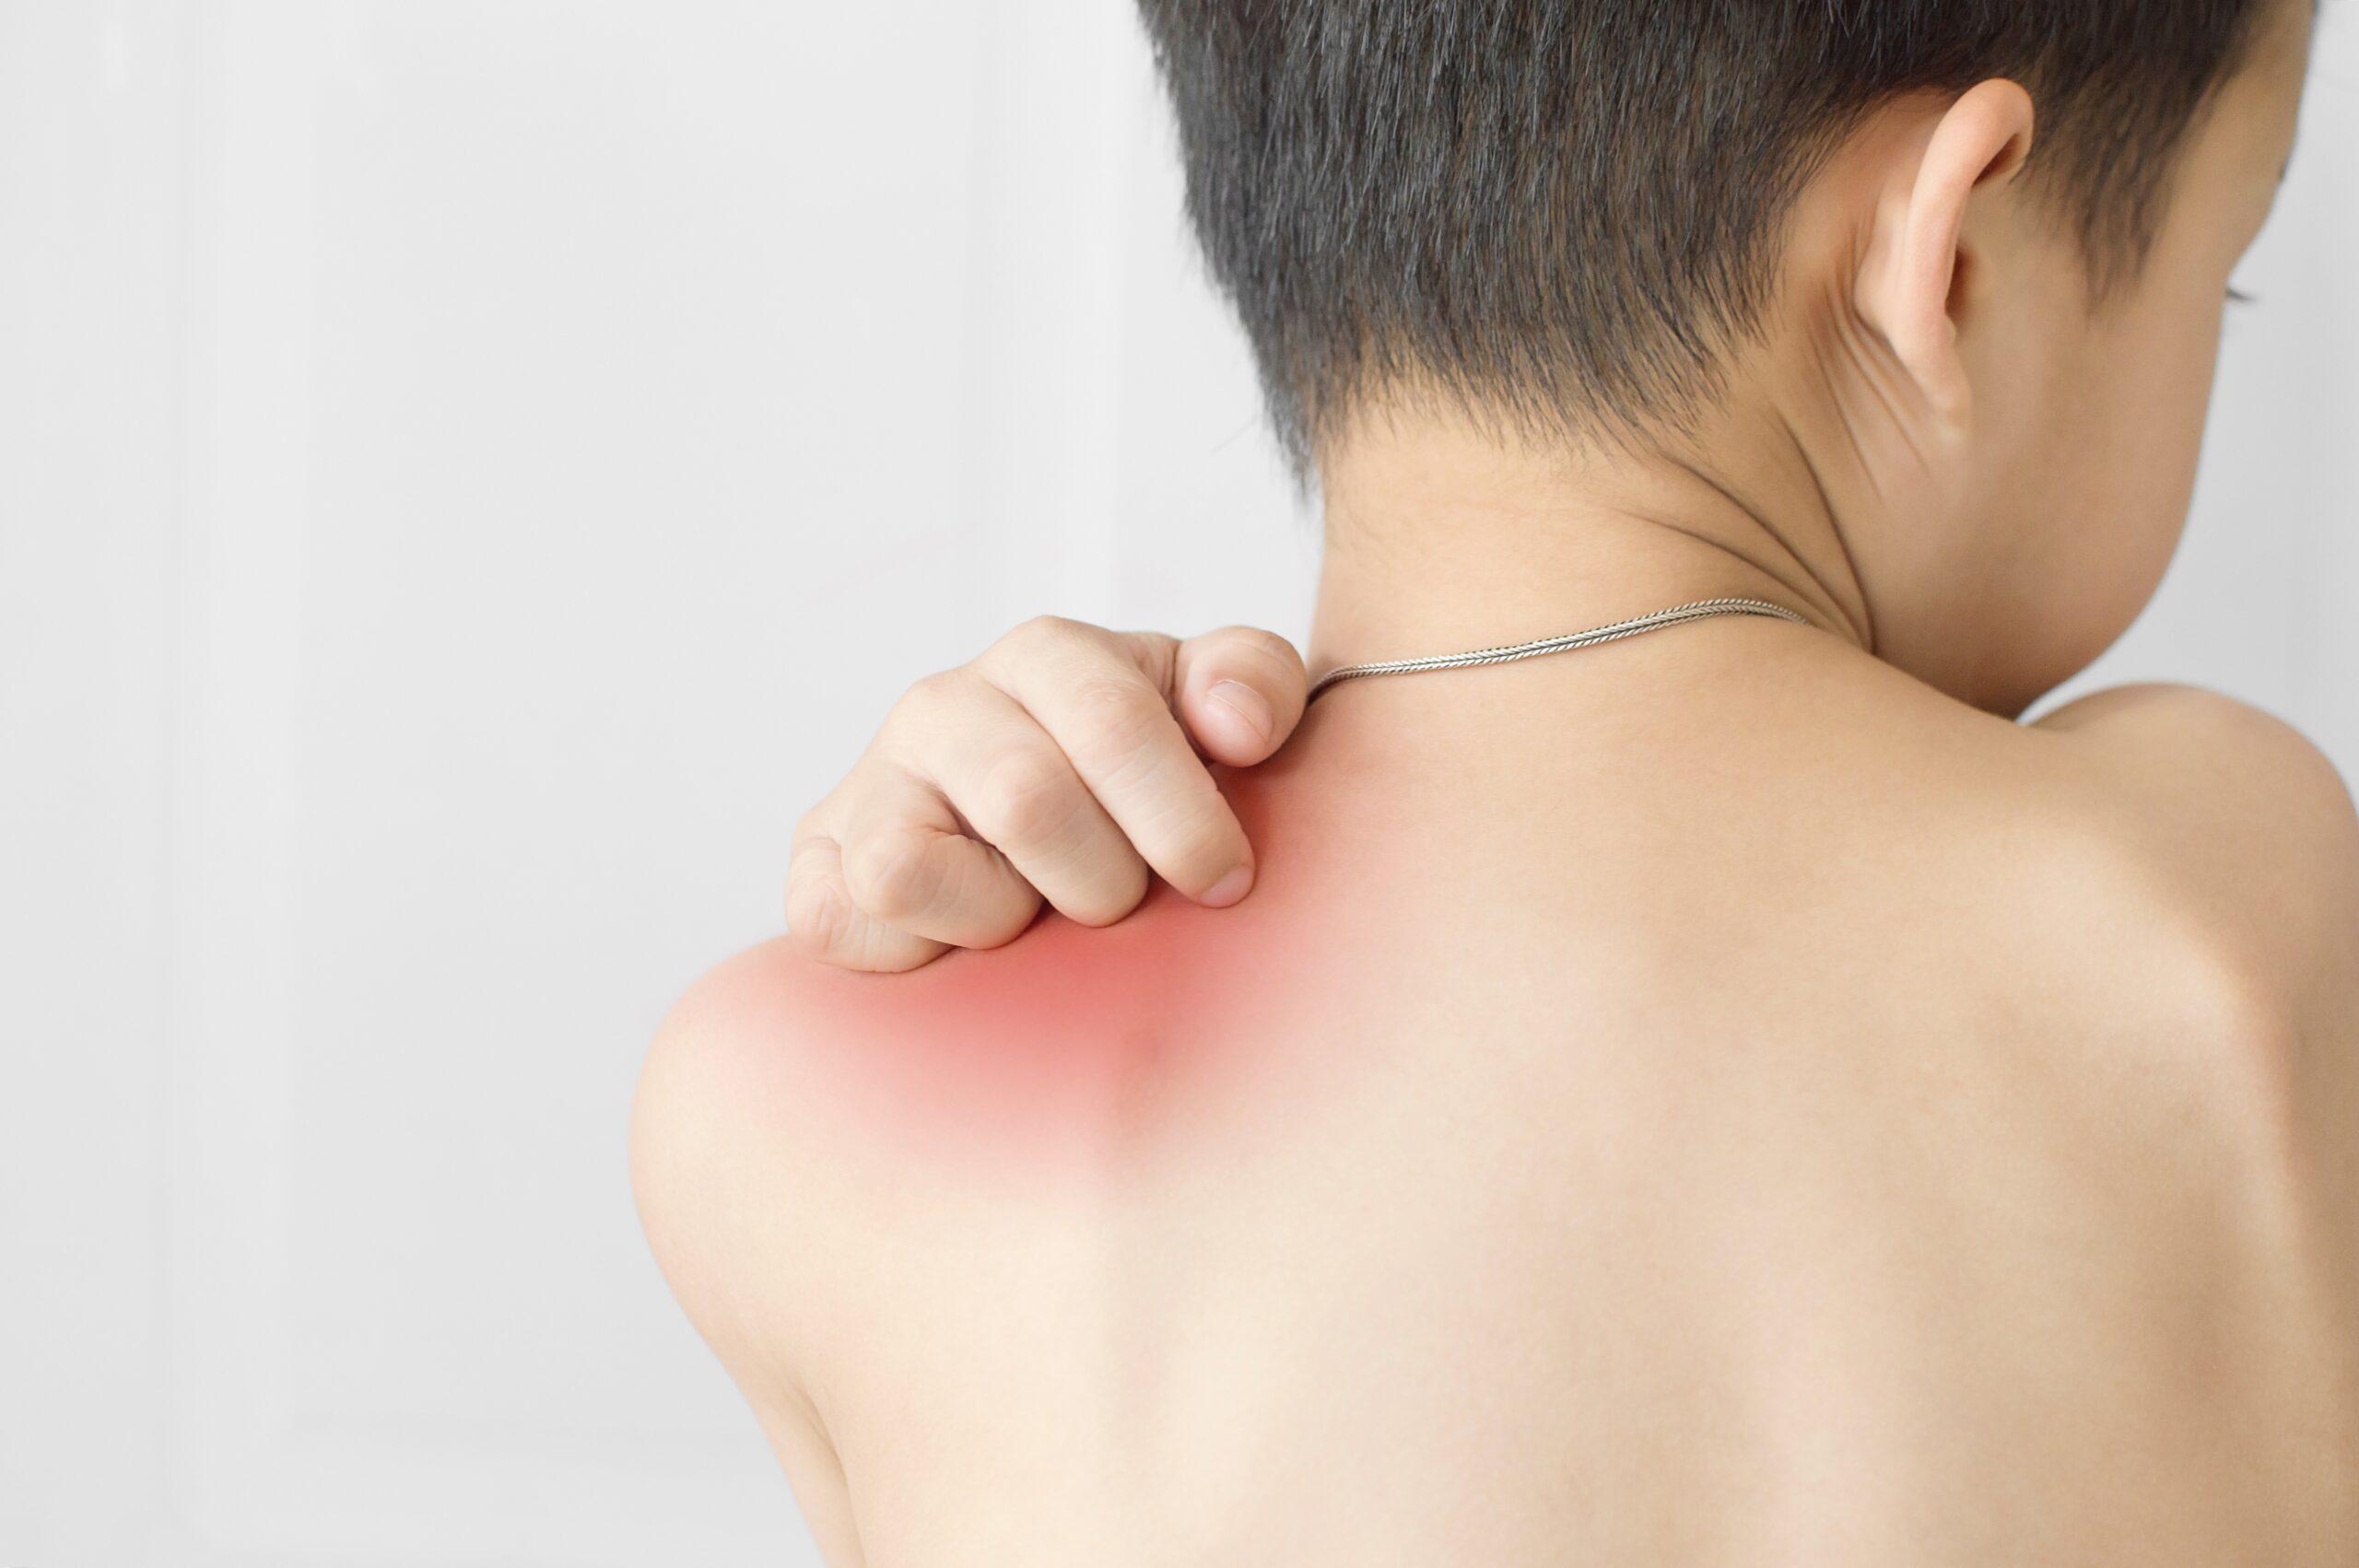 Центр здоров'я Solard - Лечение сколиоза - 3